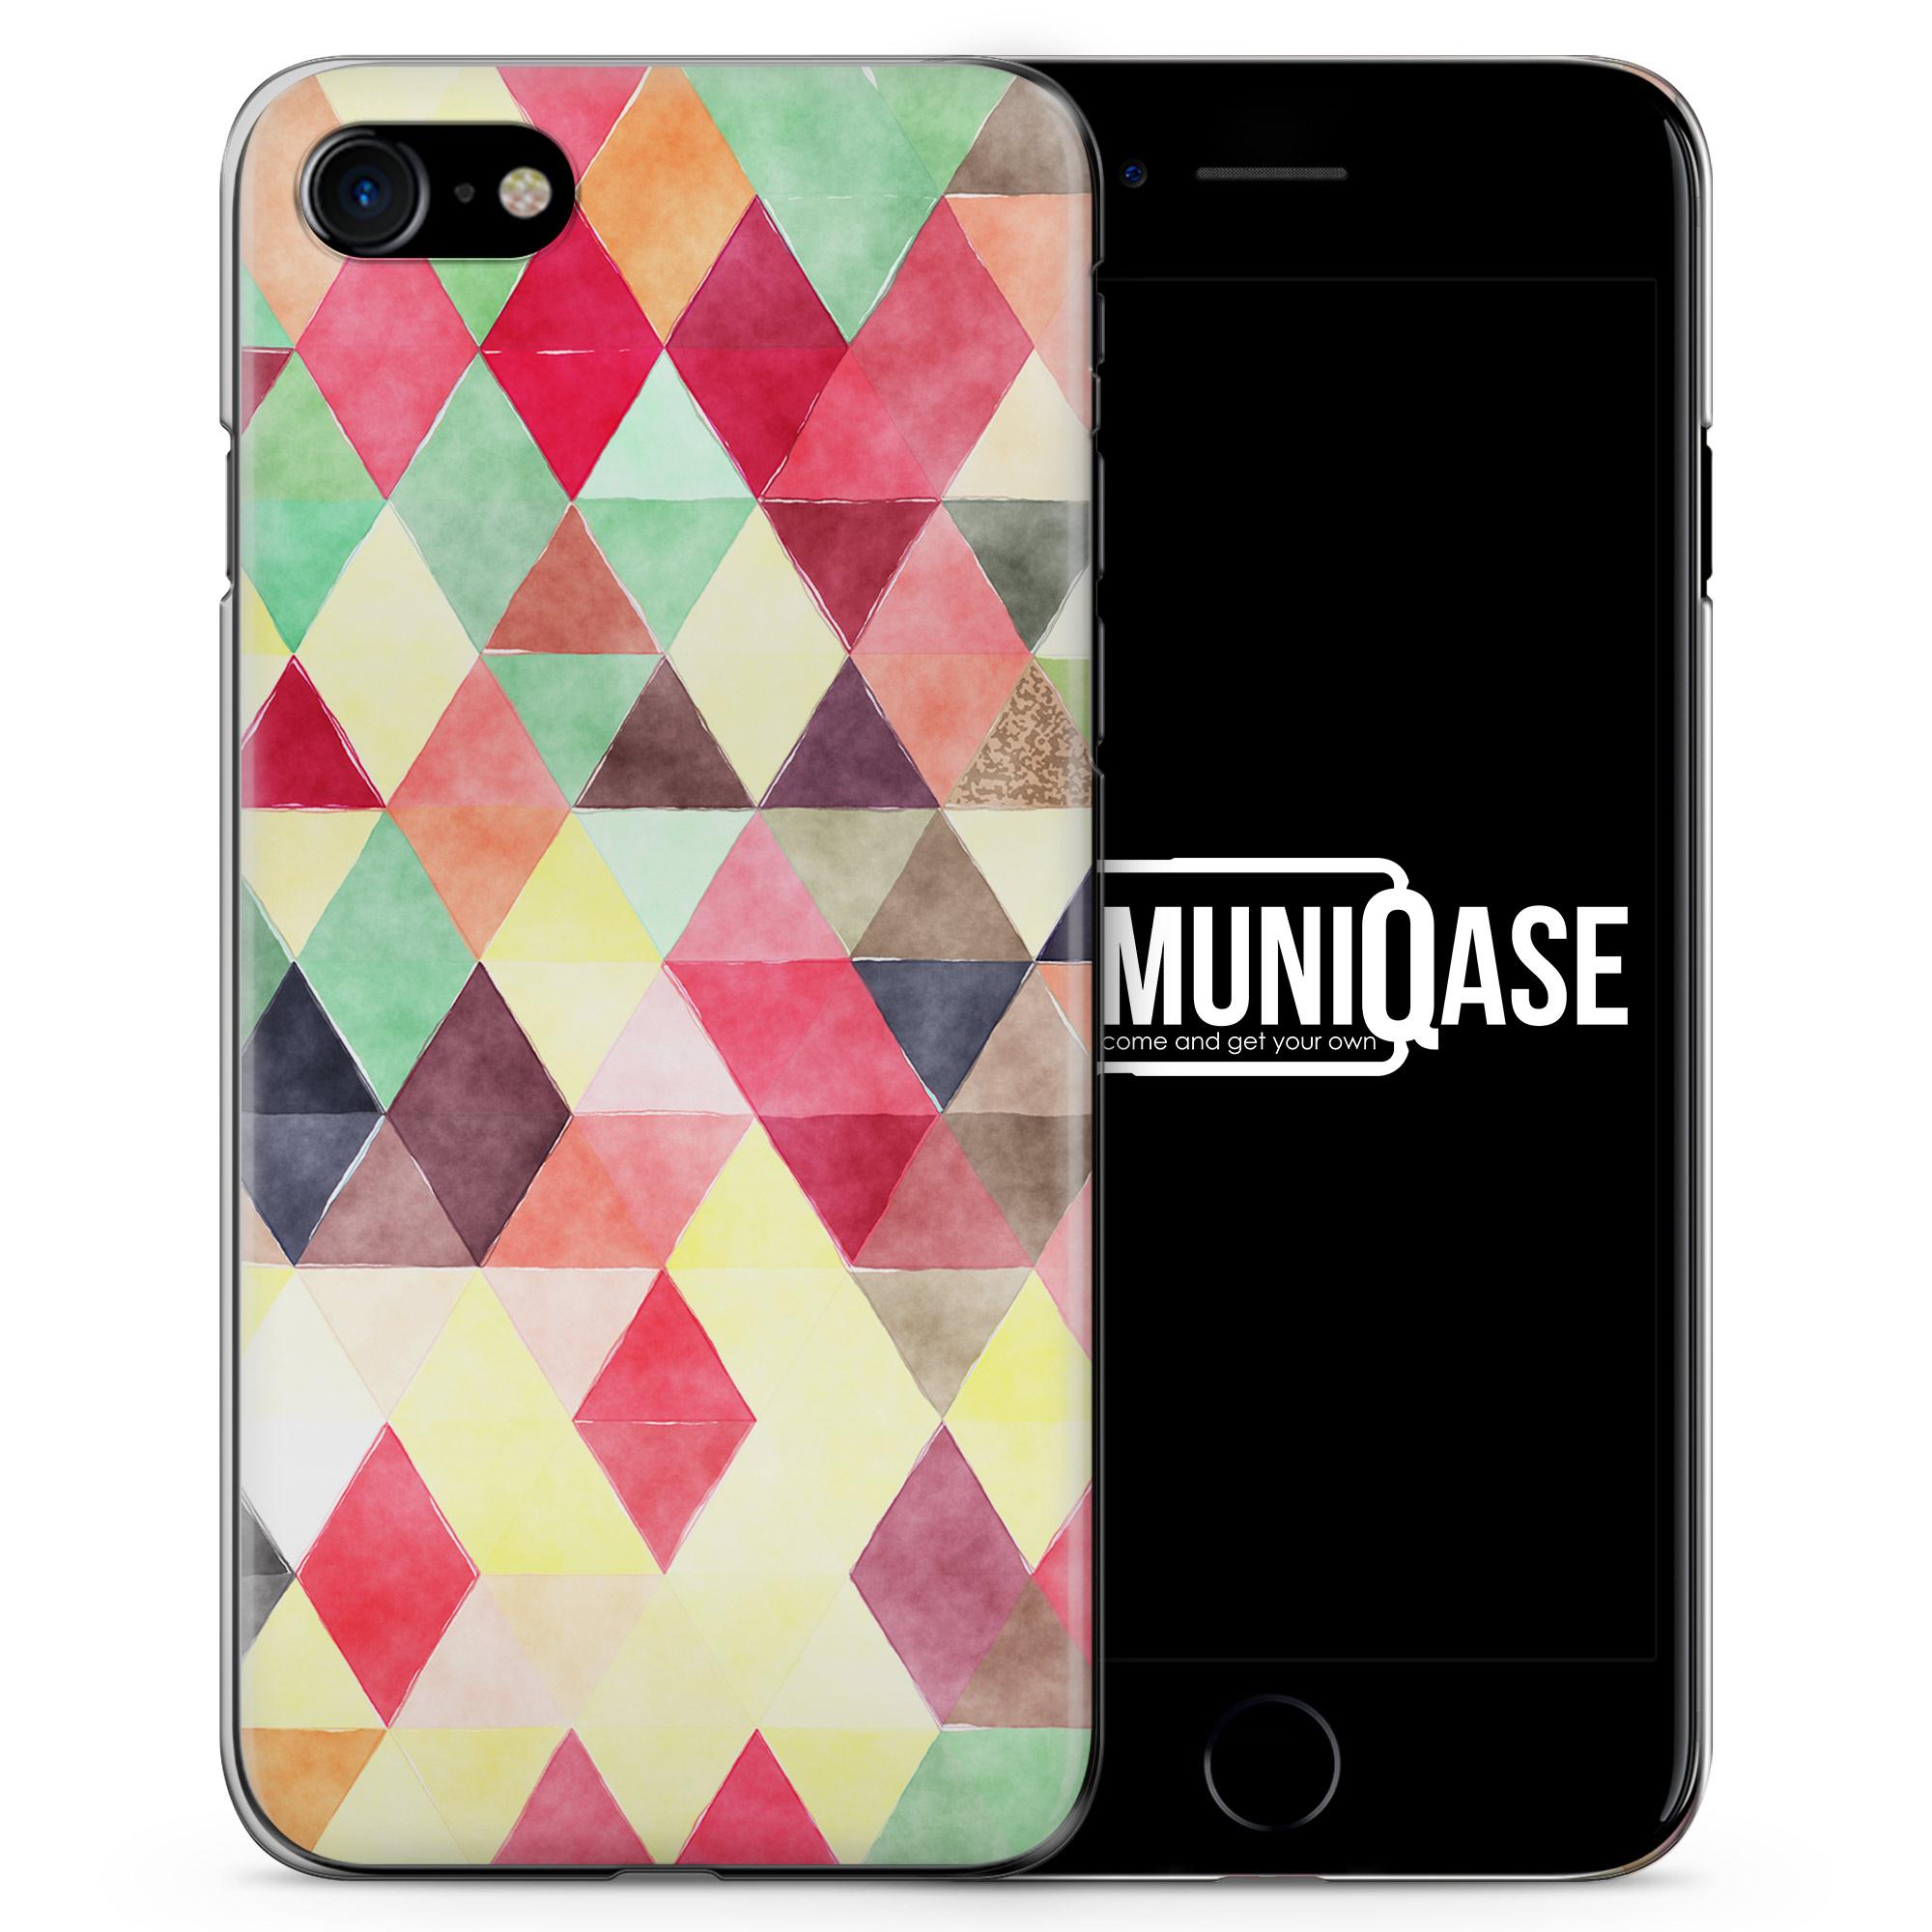 Rosa Minze Dreiecke Wasserfarben Muster - Slim Handyhülle für iPhone 7